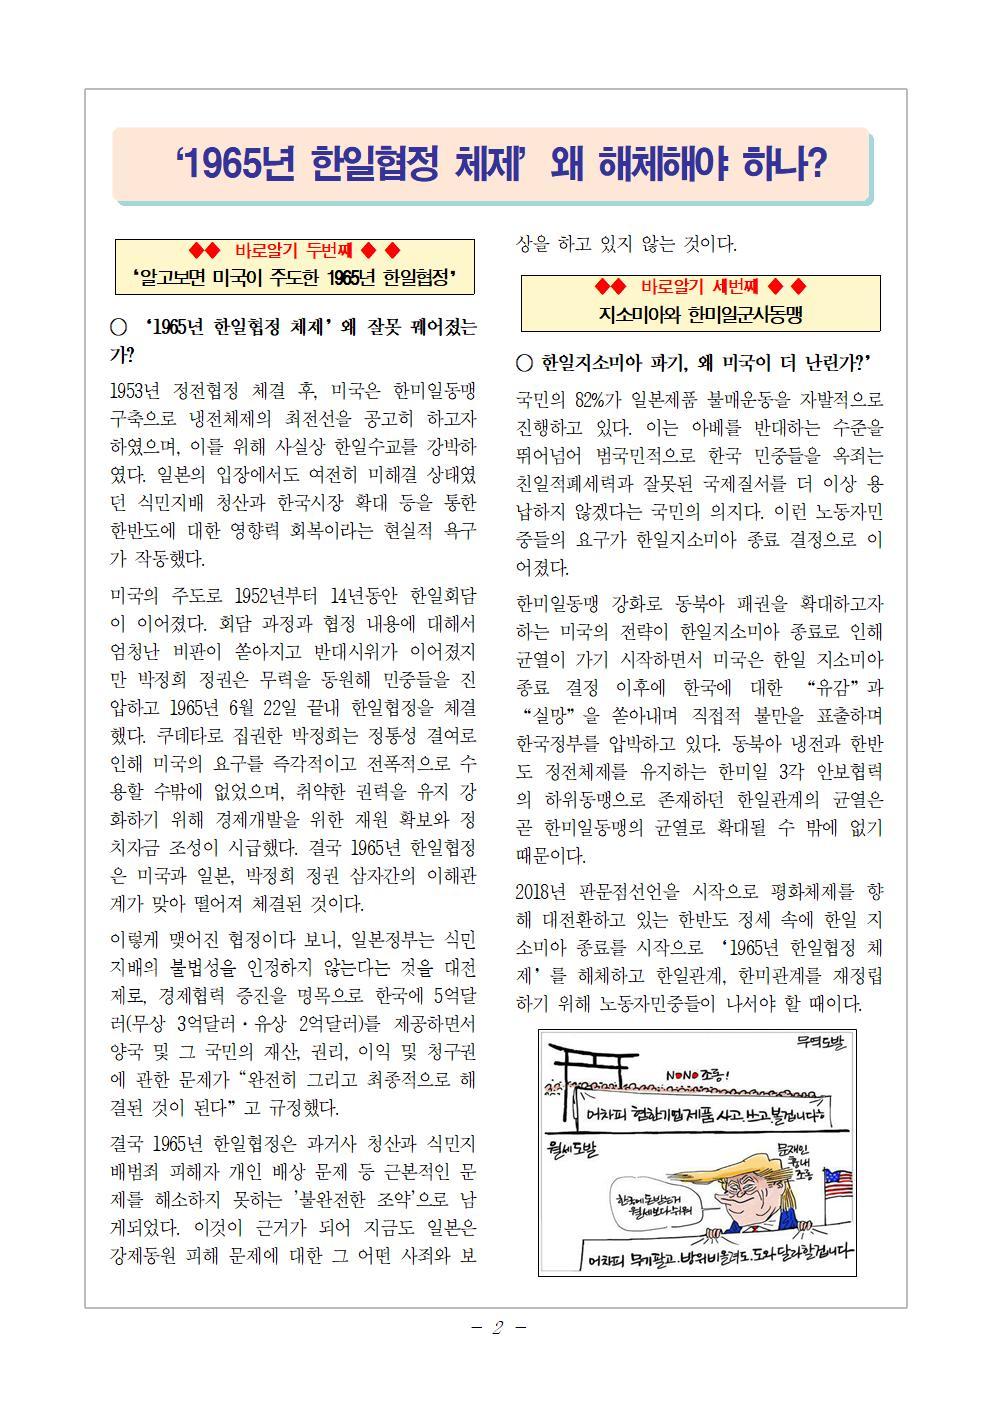 191001교육지-일제강제동원 사죄배상002.jpg